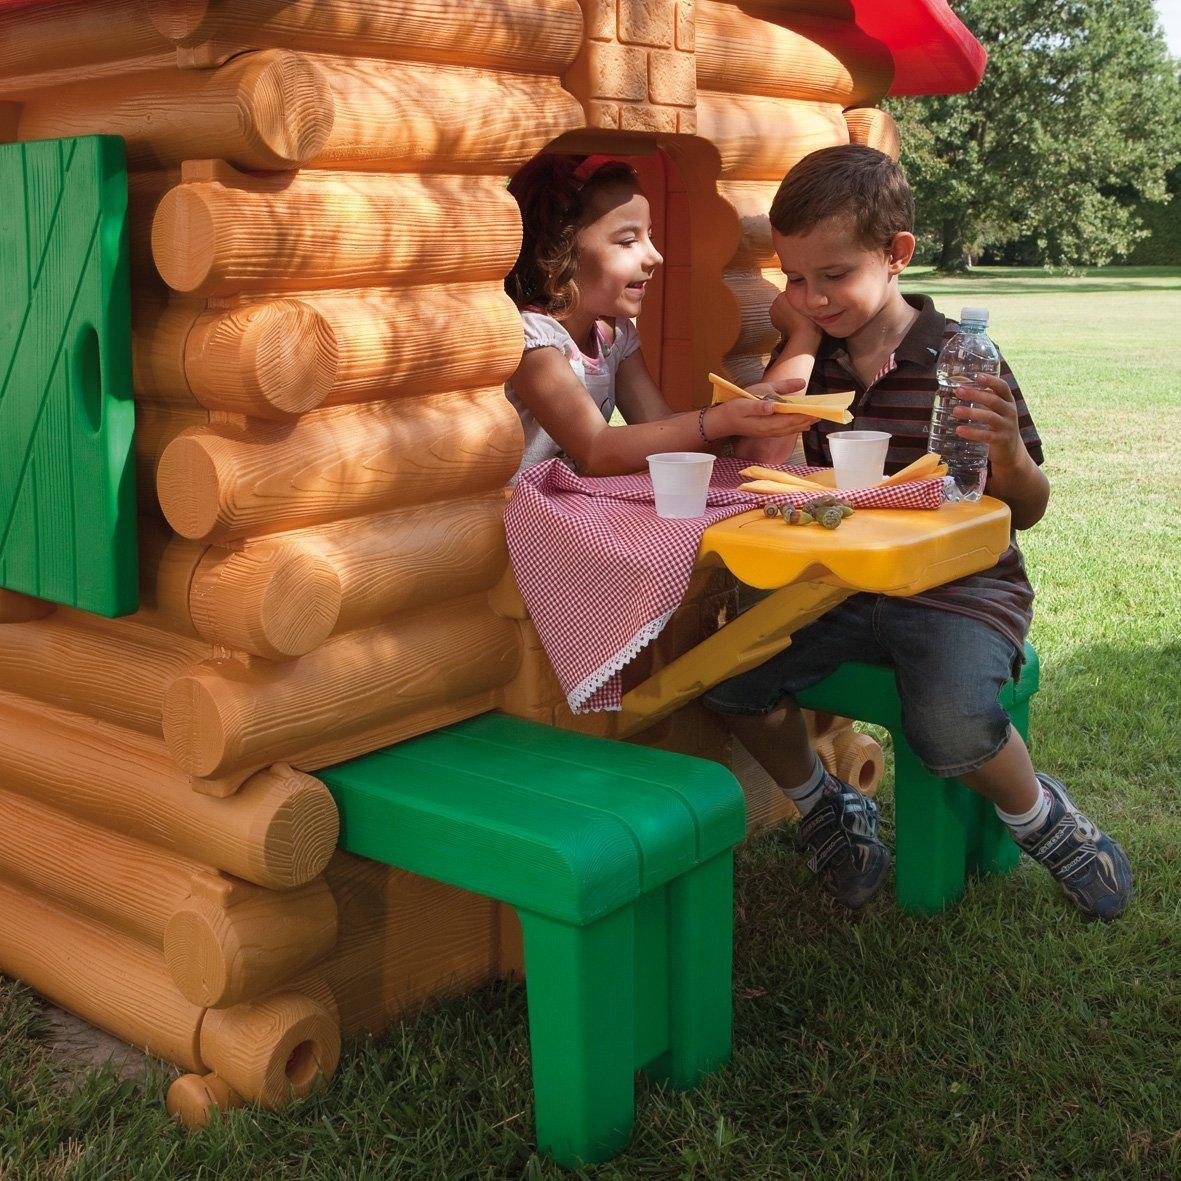 Casetta per bambini da giardino chicco simil chalet legno chicco 30101 casetta chicco - Chicco gartenhaus ...